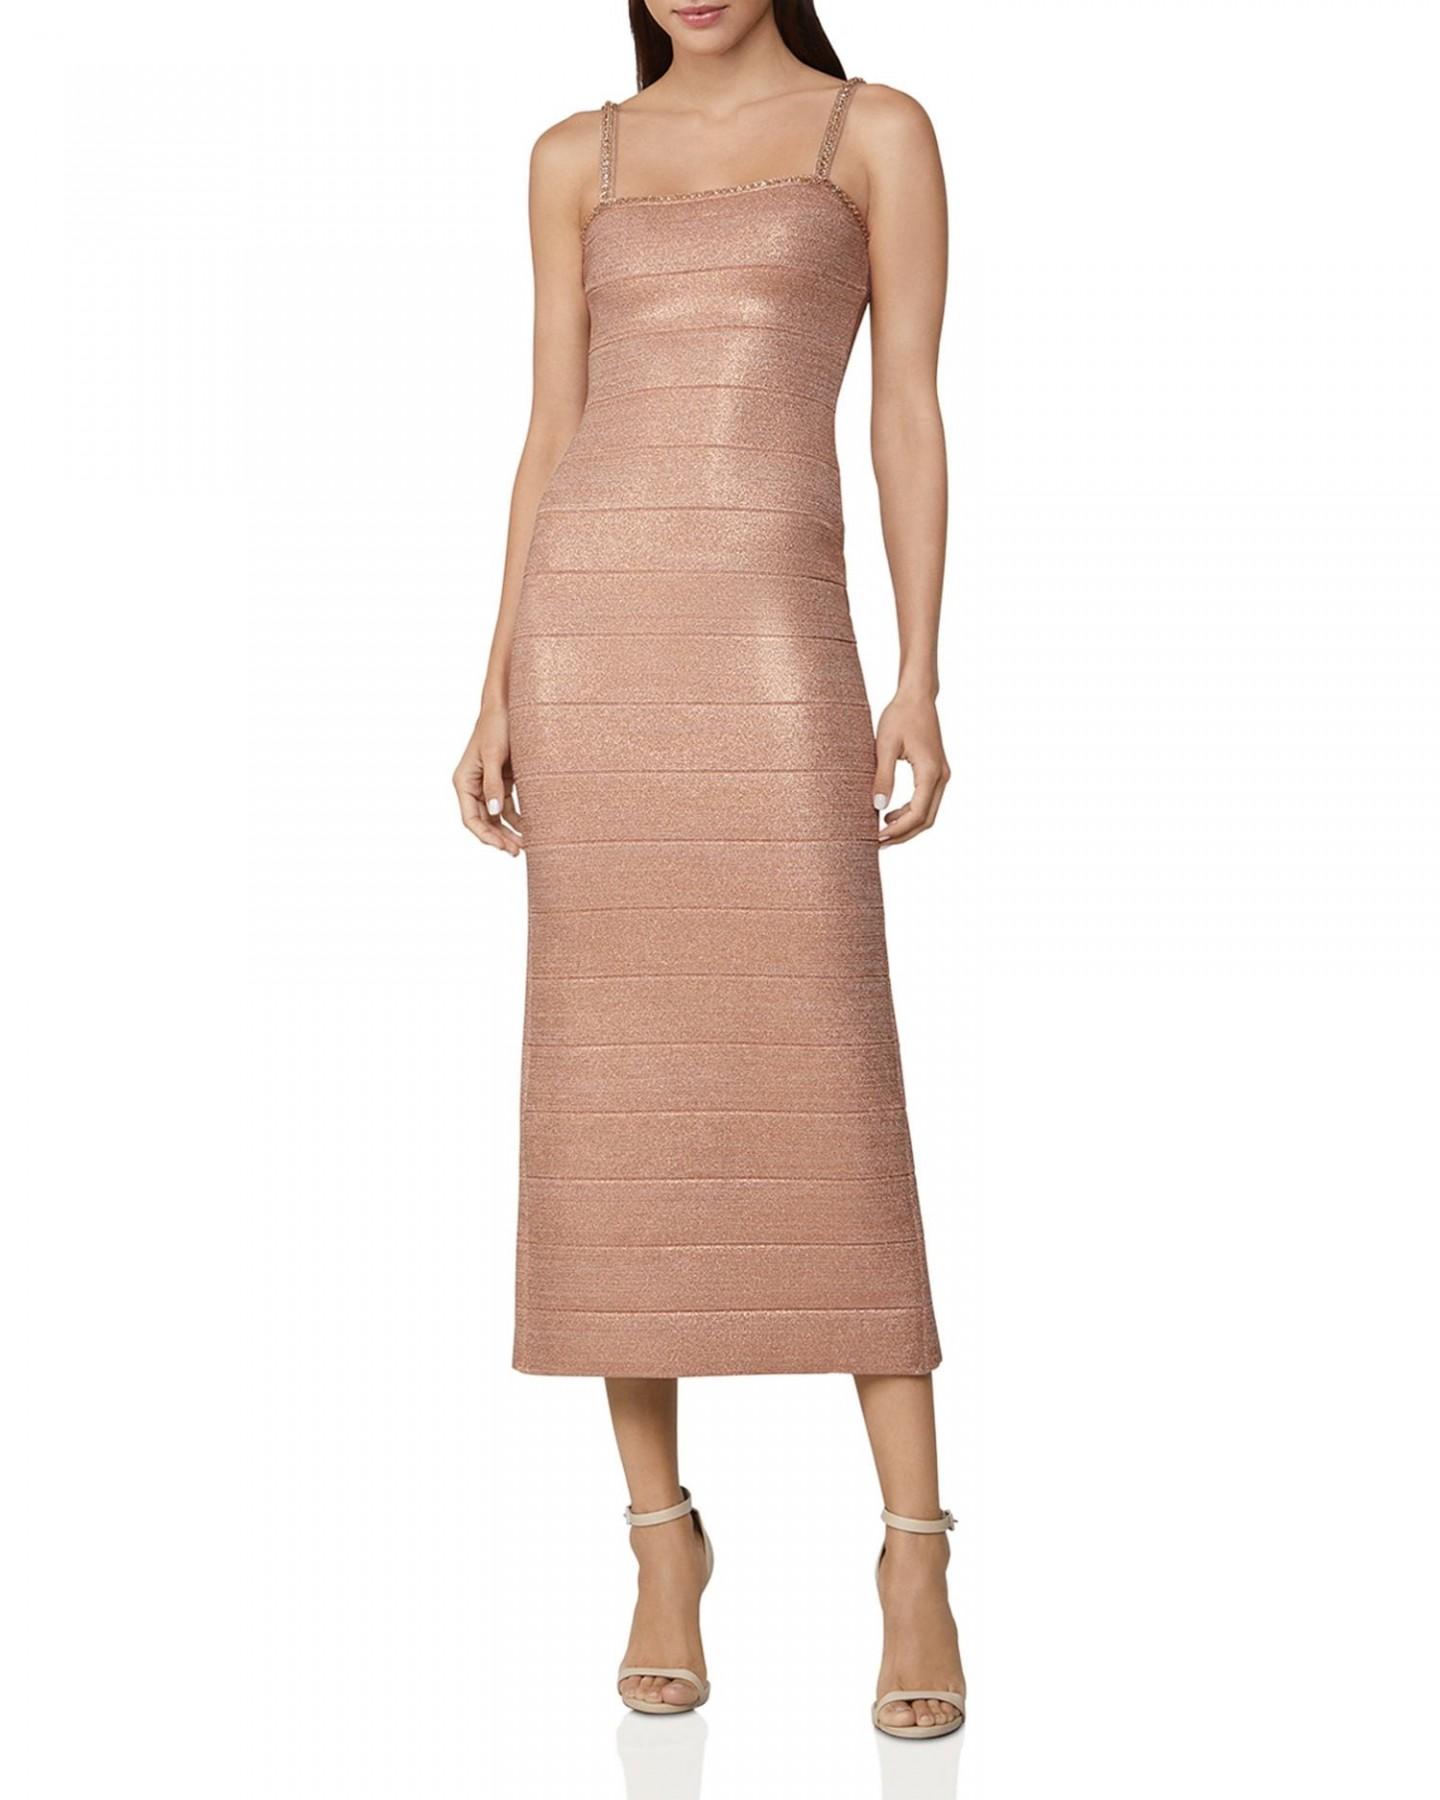 HERVÉ LÉGER Banded Crystal-Embellished Midi Dress